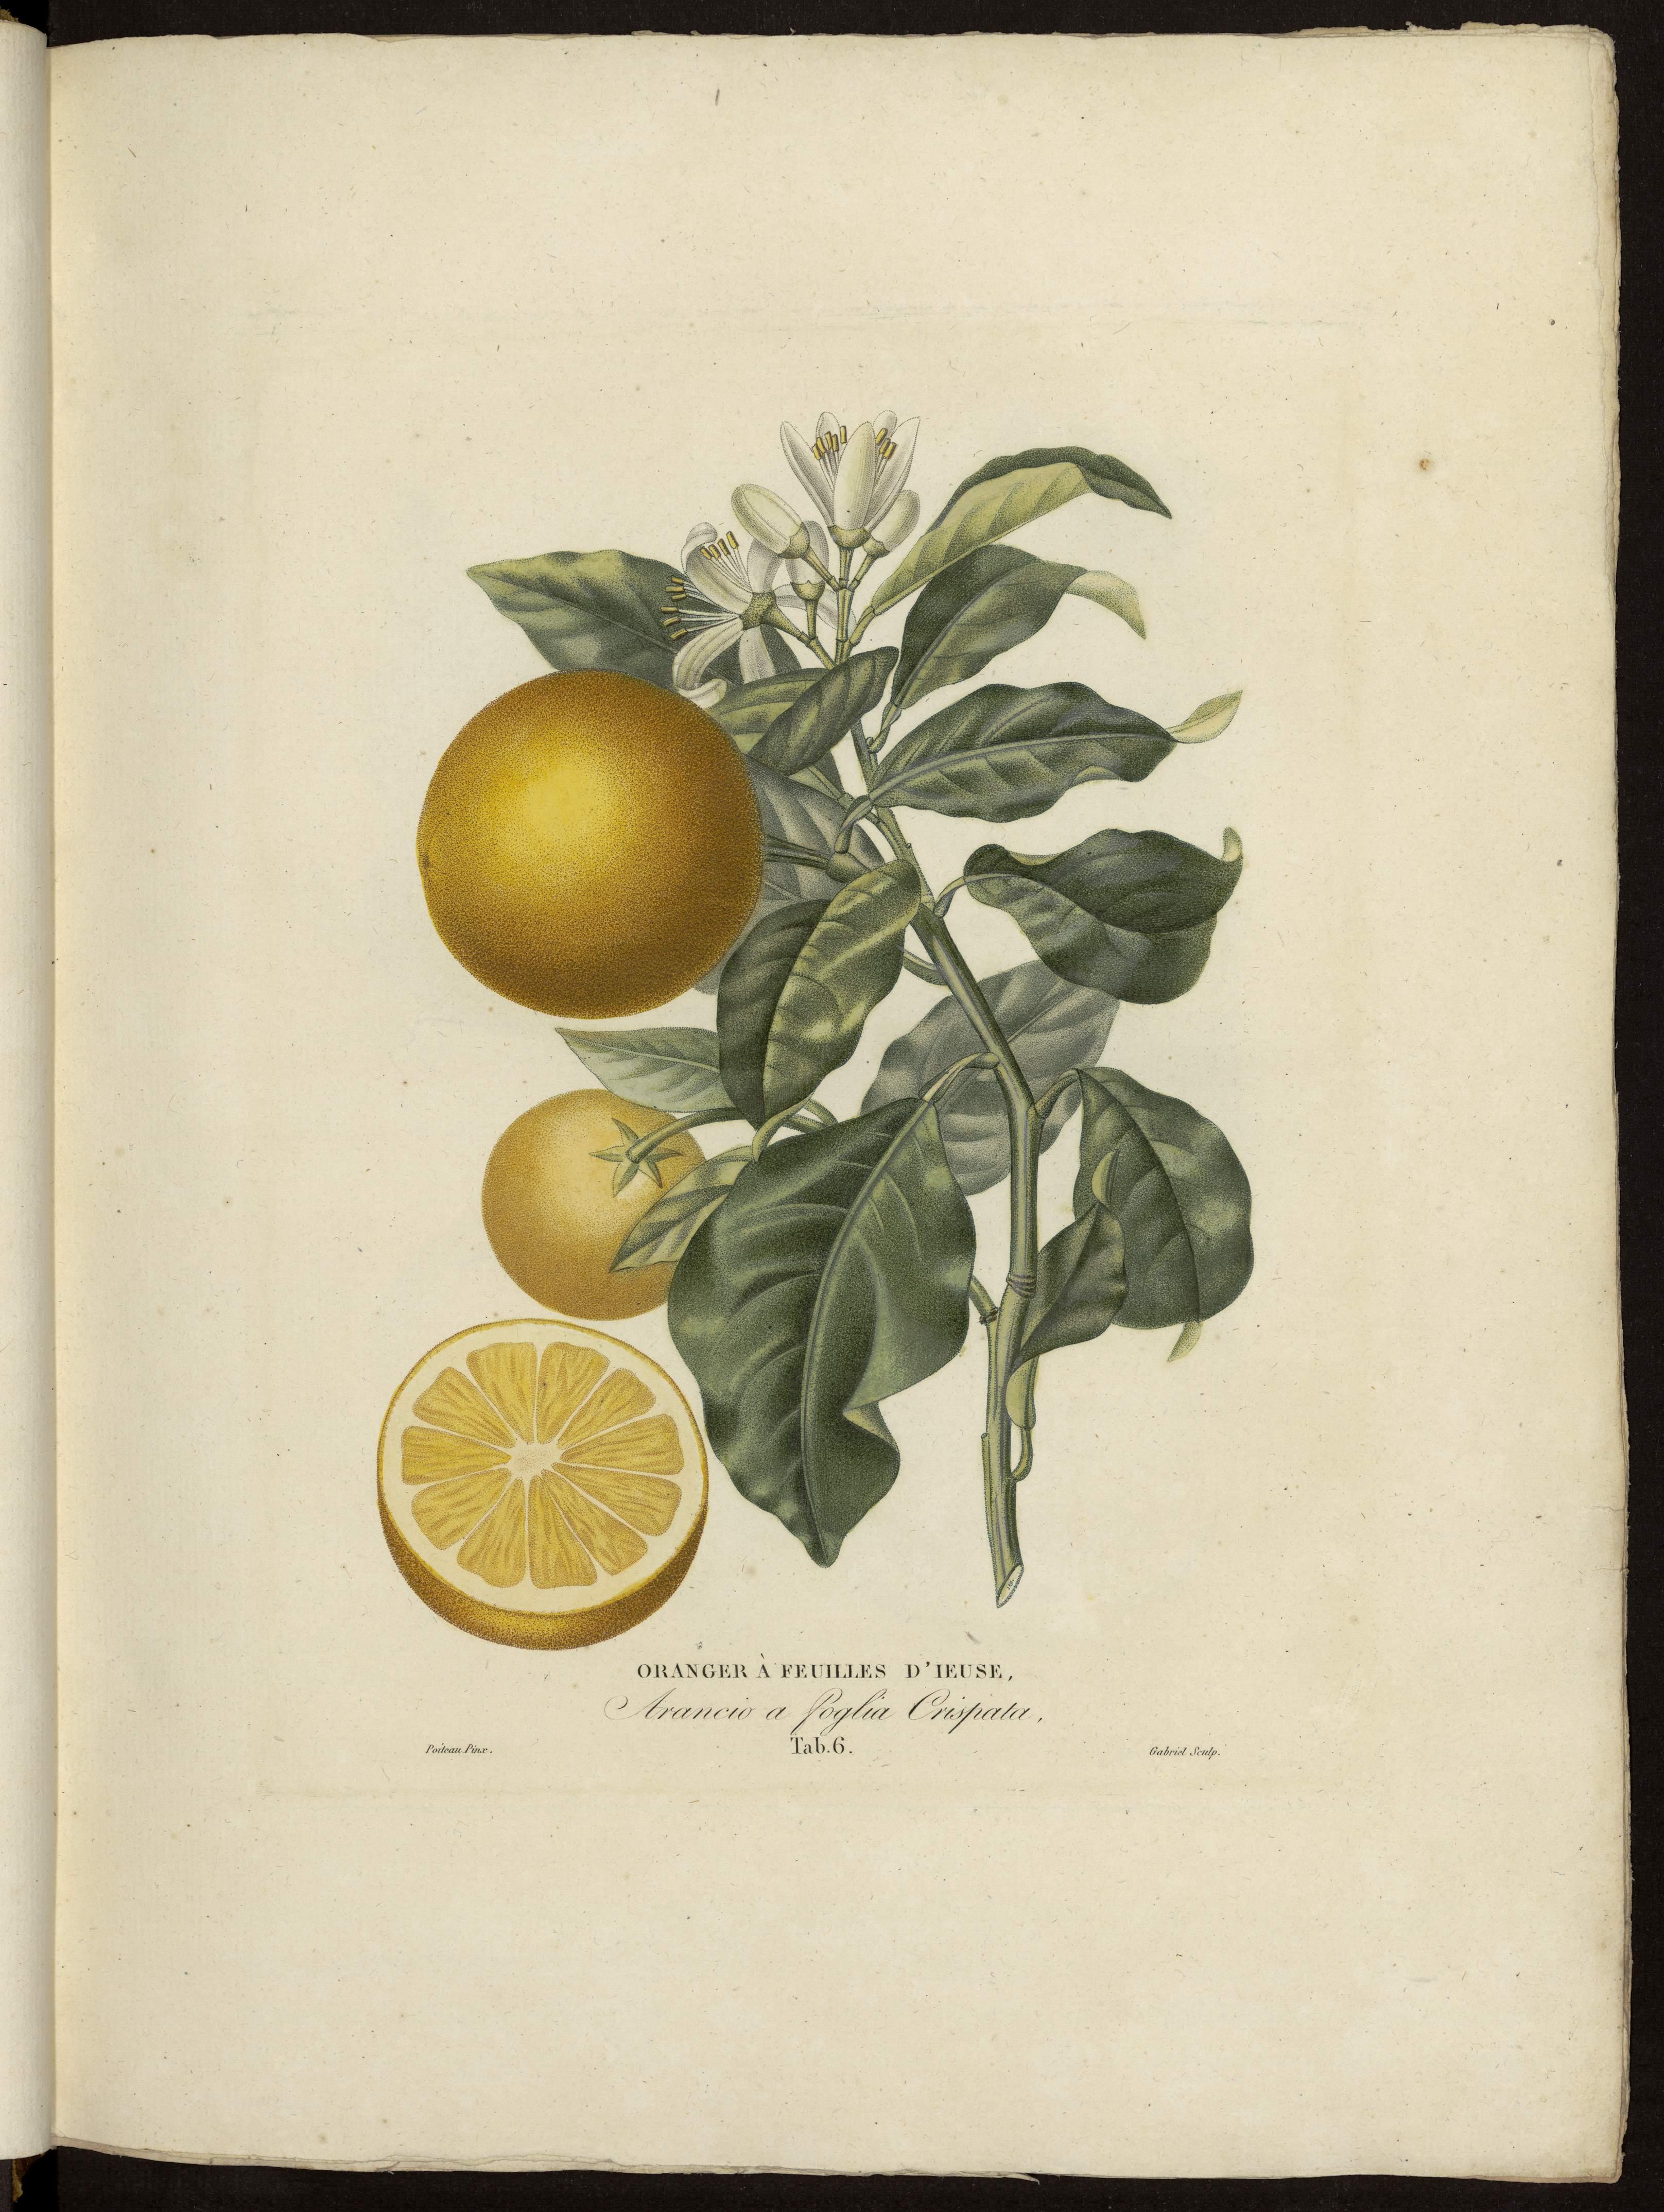 Oranger à feuilles d'Ieuse